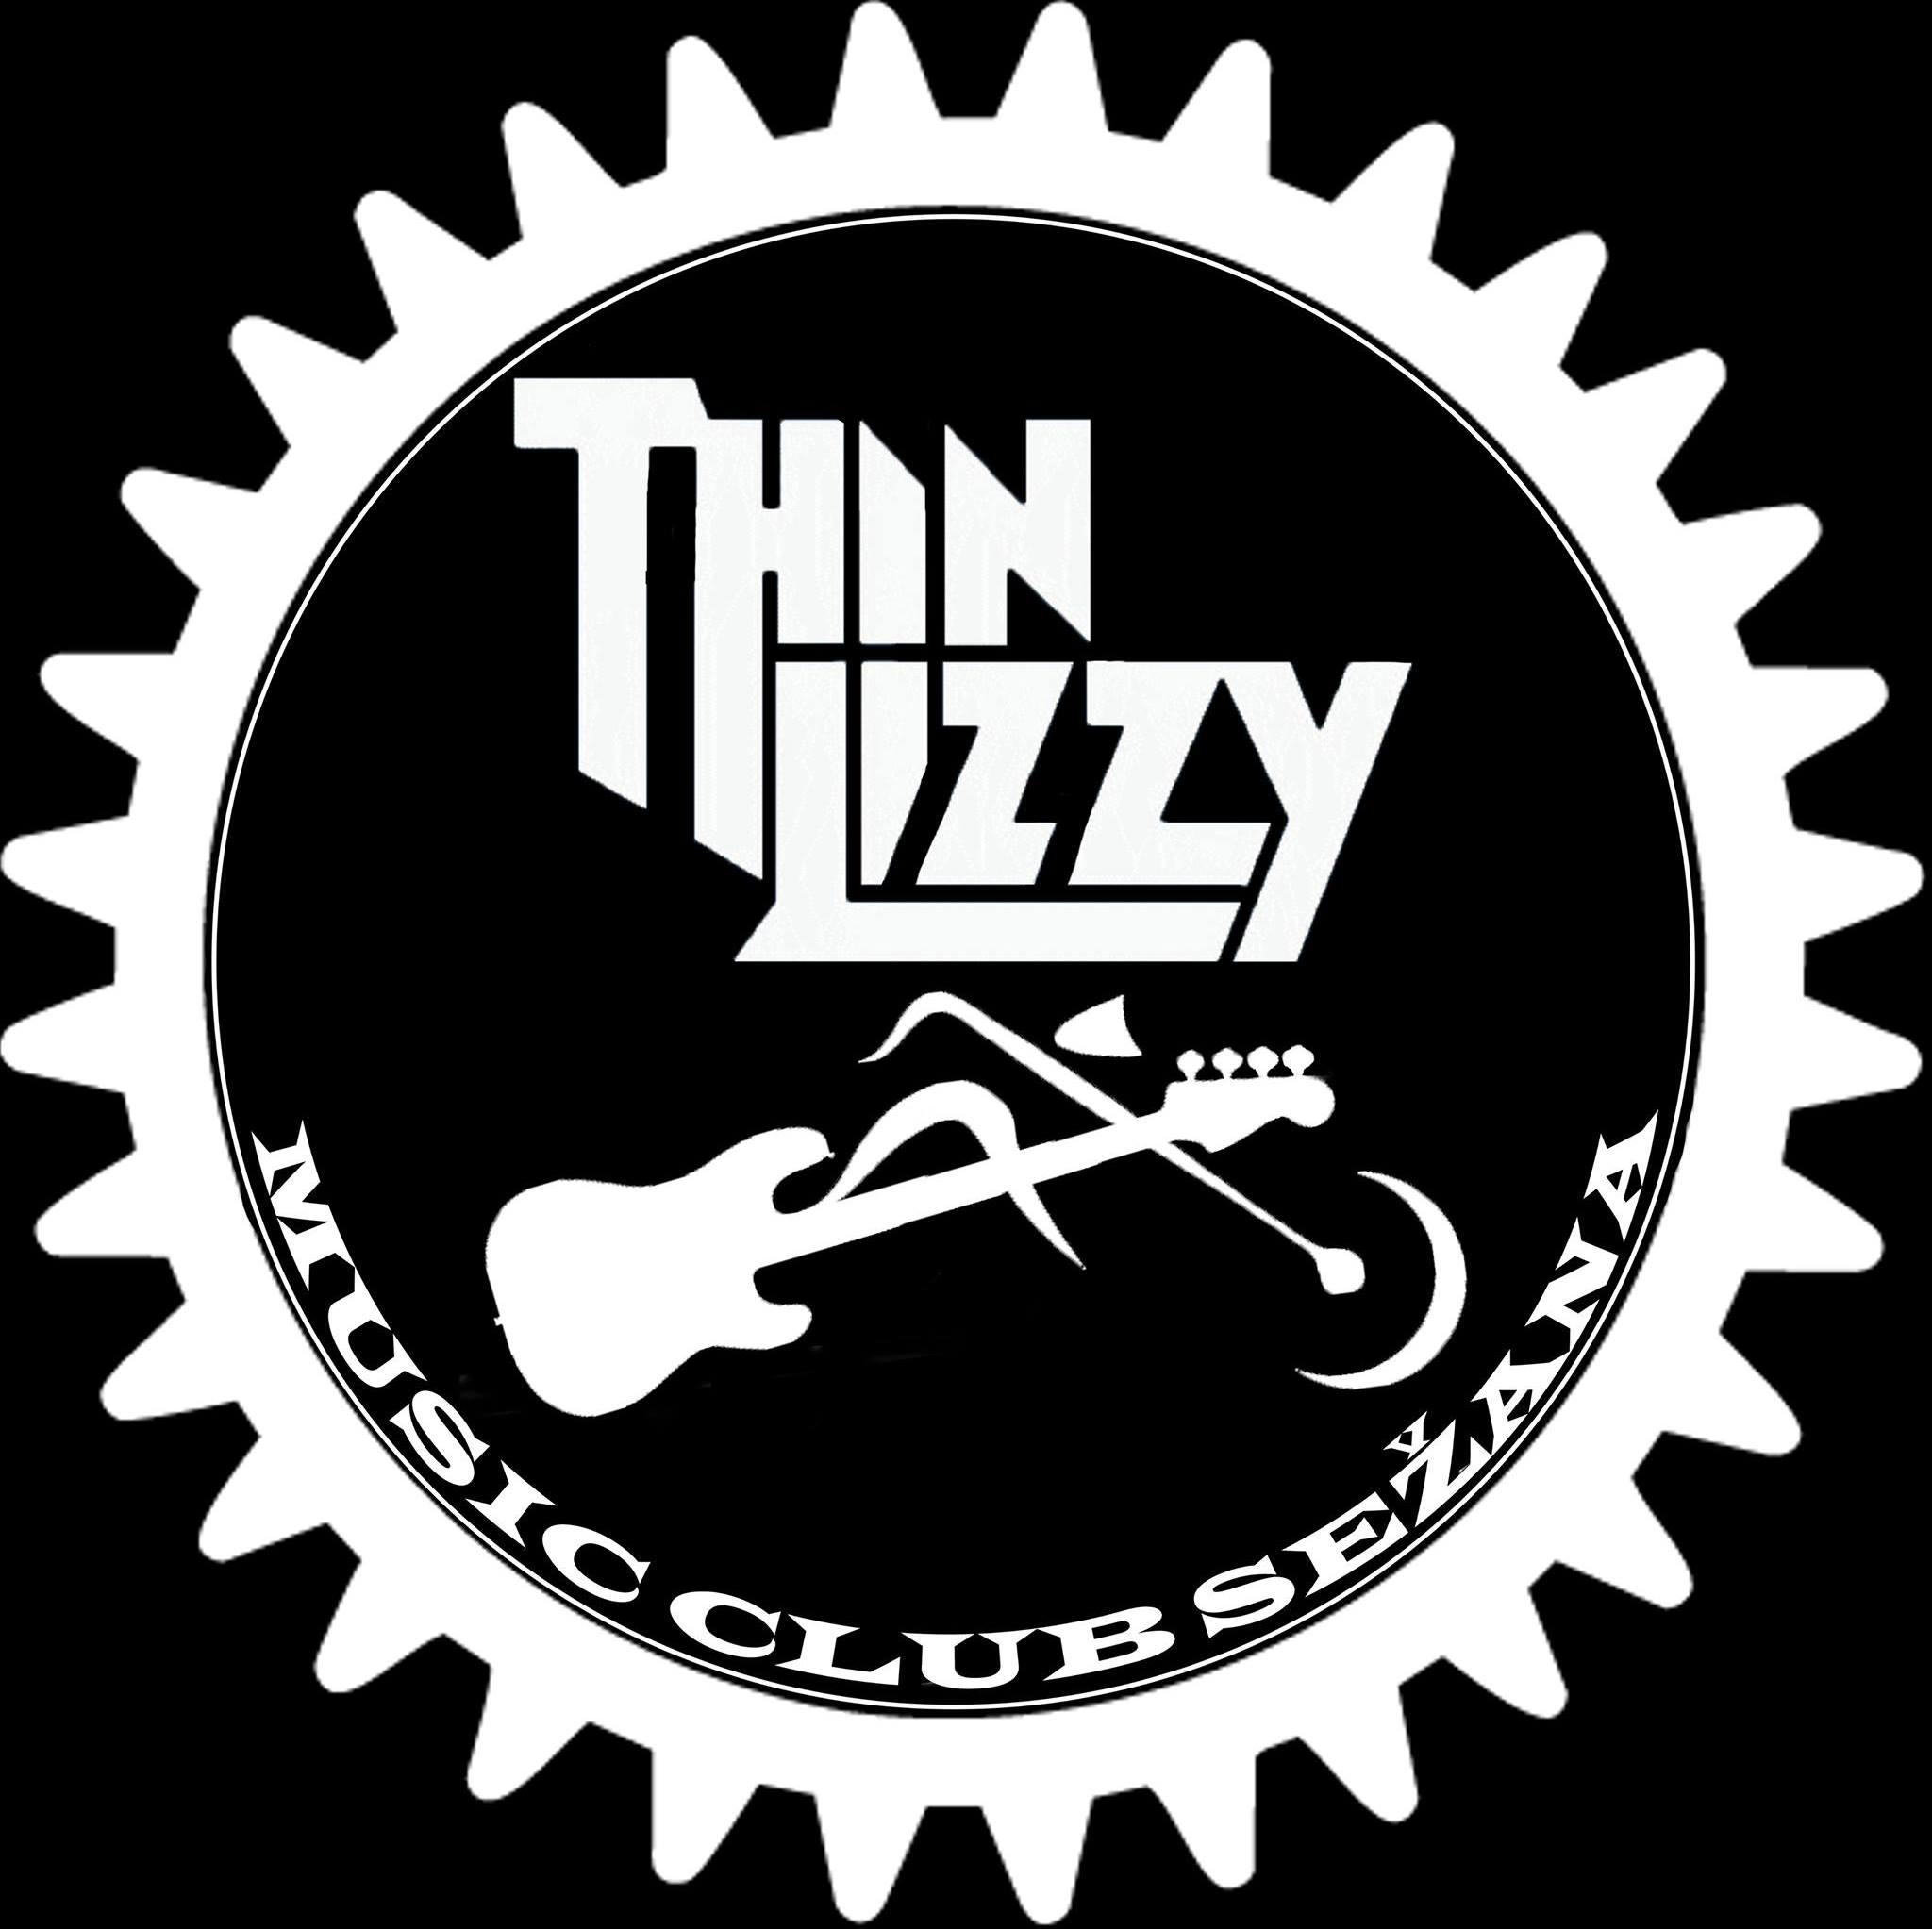 Thiz Lizzy Music Club  – Sezana (Slo)